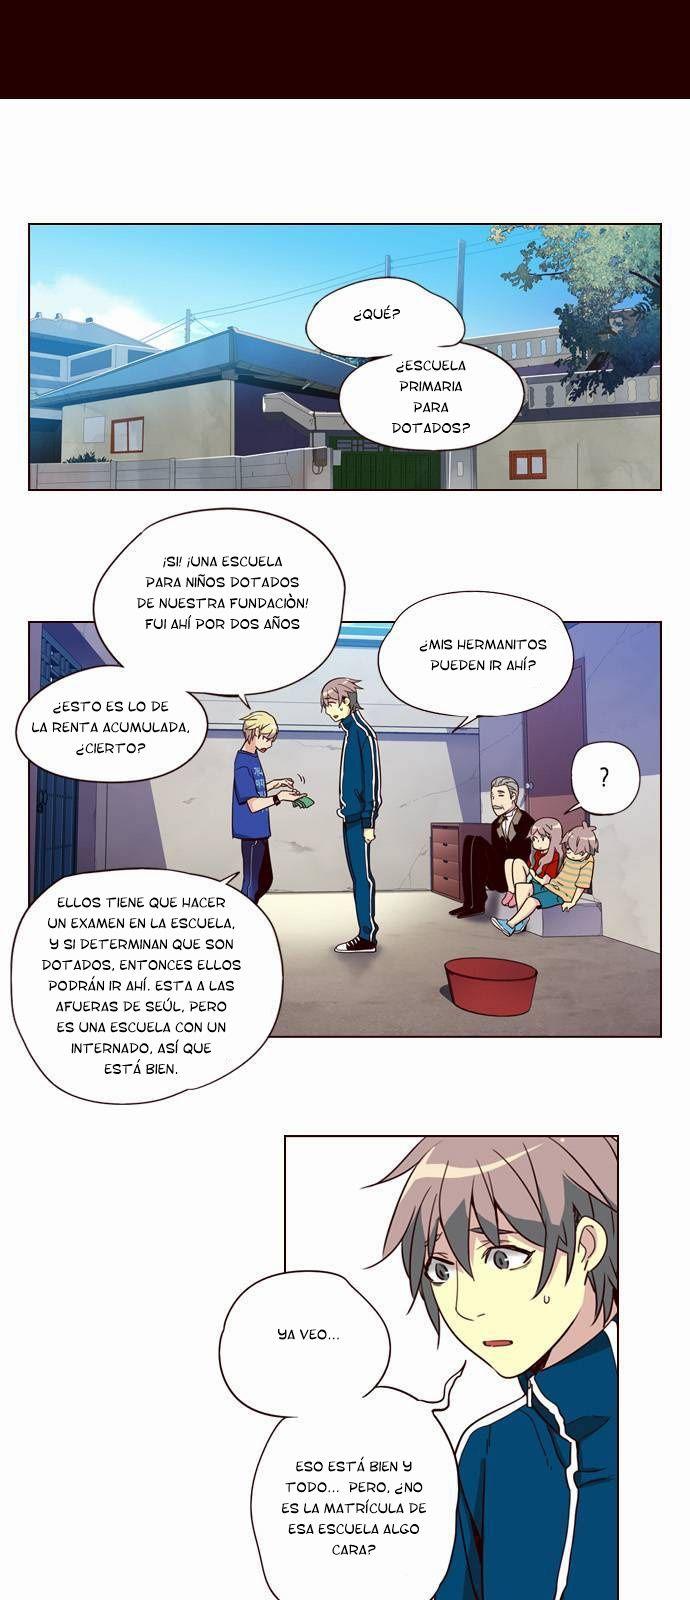 http://c5.ninemanga.com/es_manga/pic2/32/416/498986/1c24cb0f12a000555fe8ad5a7b3c4296.jpg Page 3